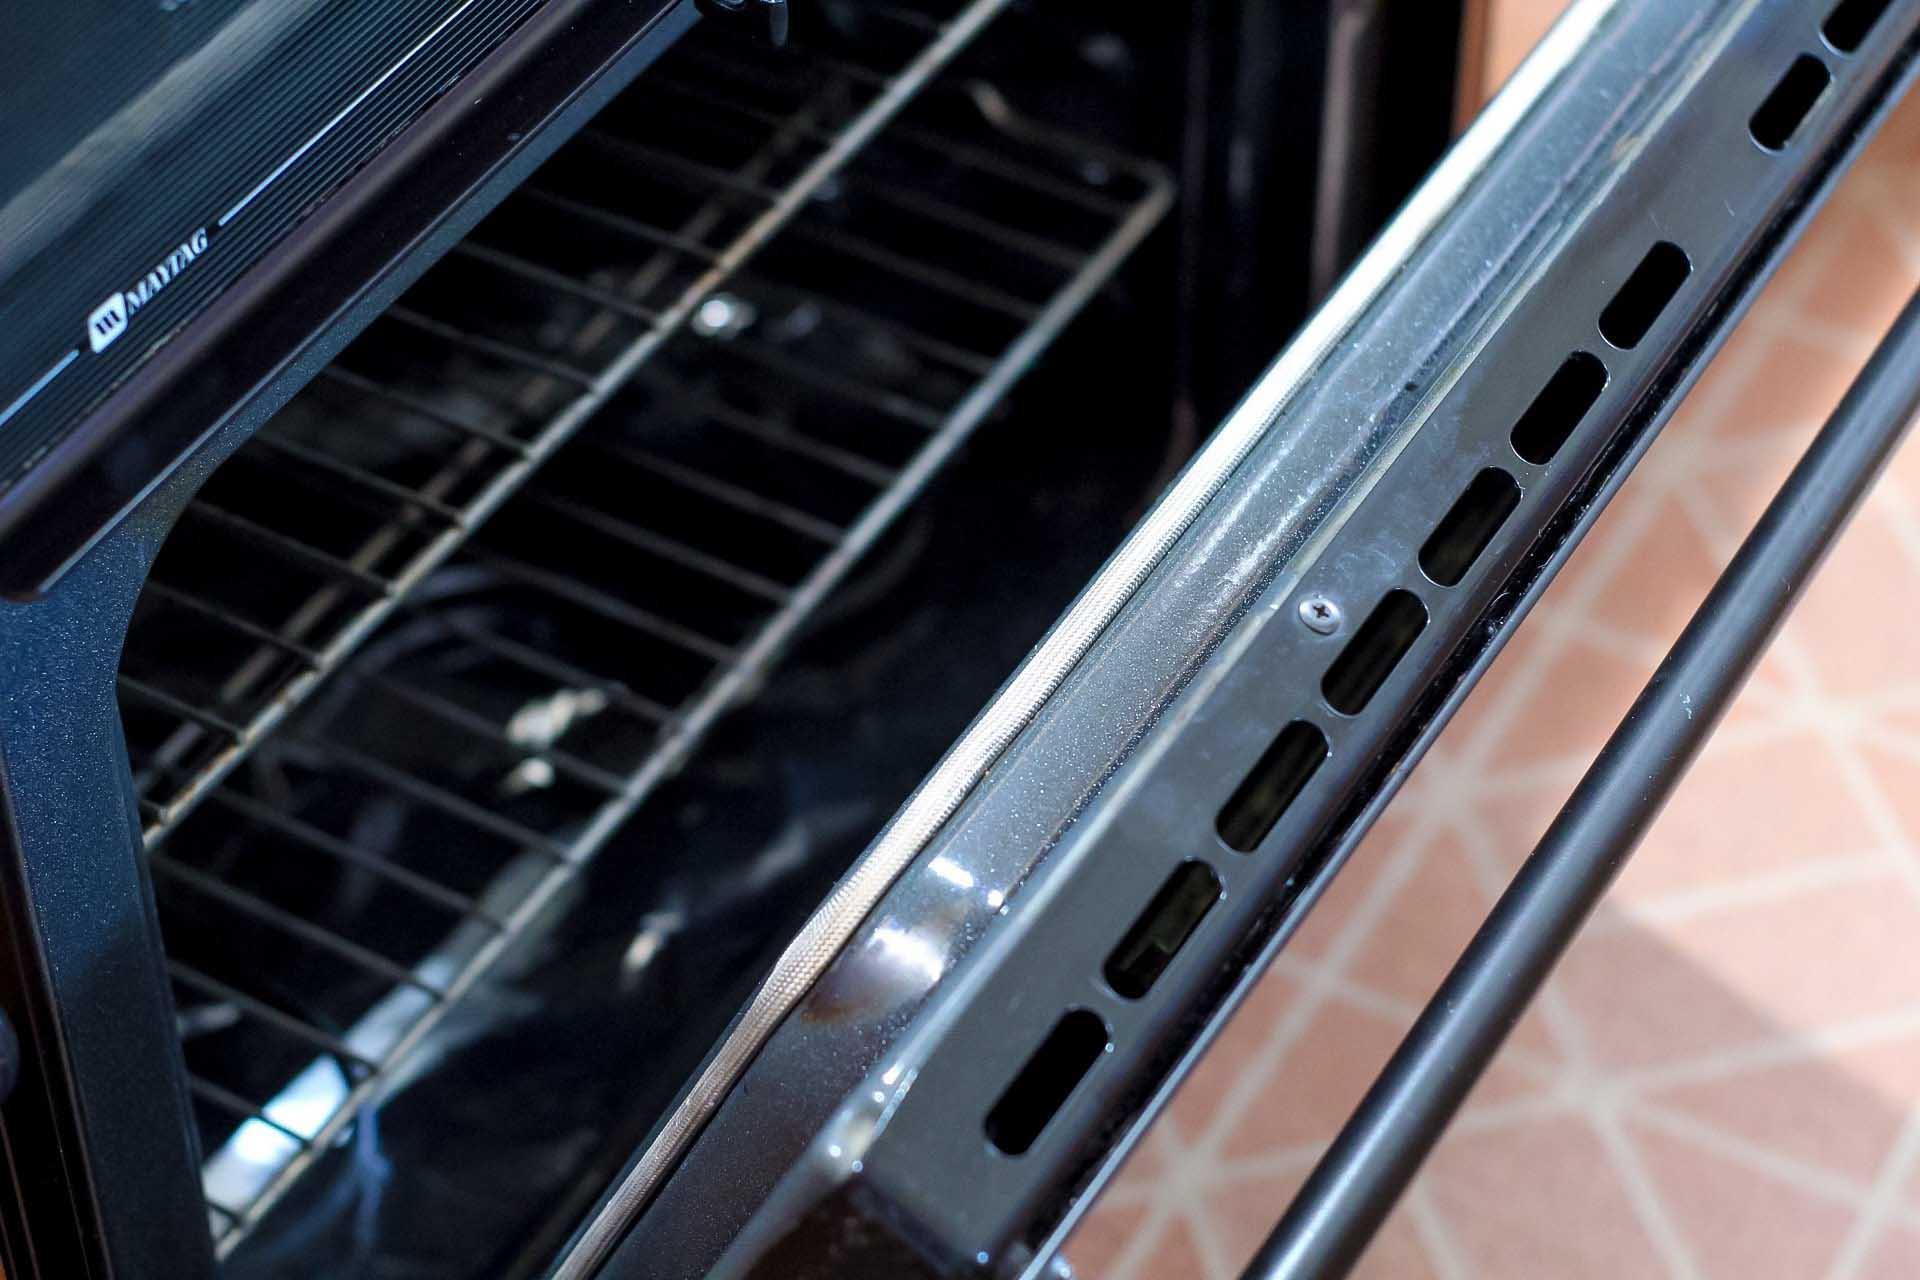 How To Clean In Between The Glass On Your Oven Door Homemaking Com